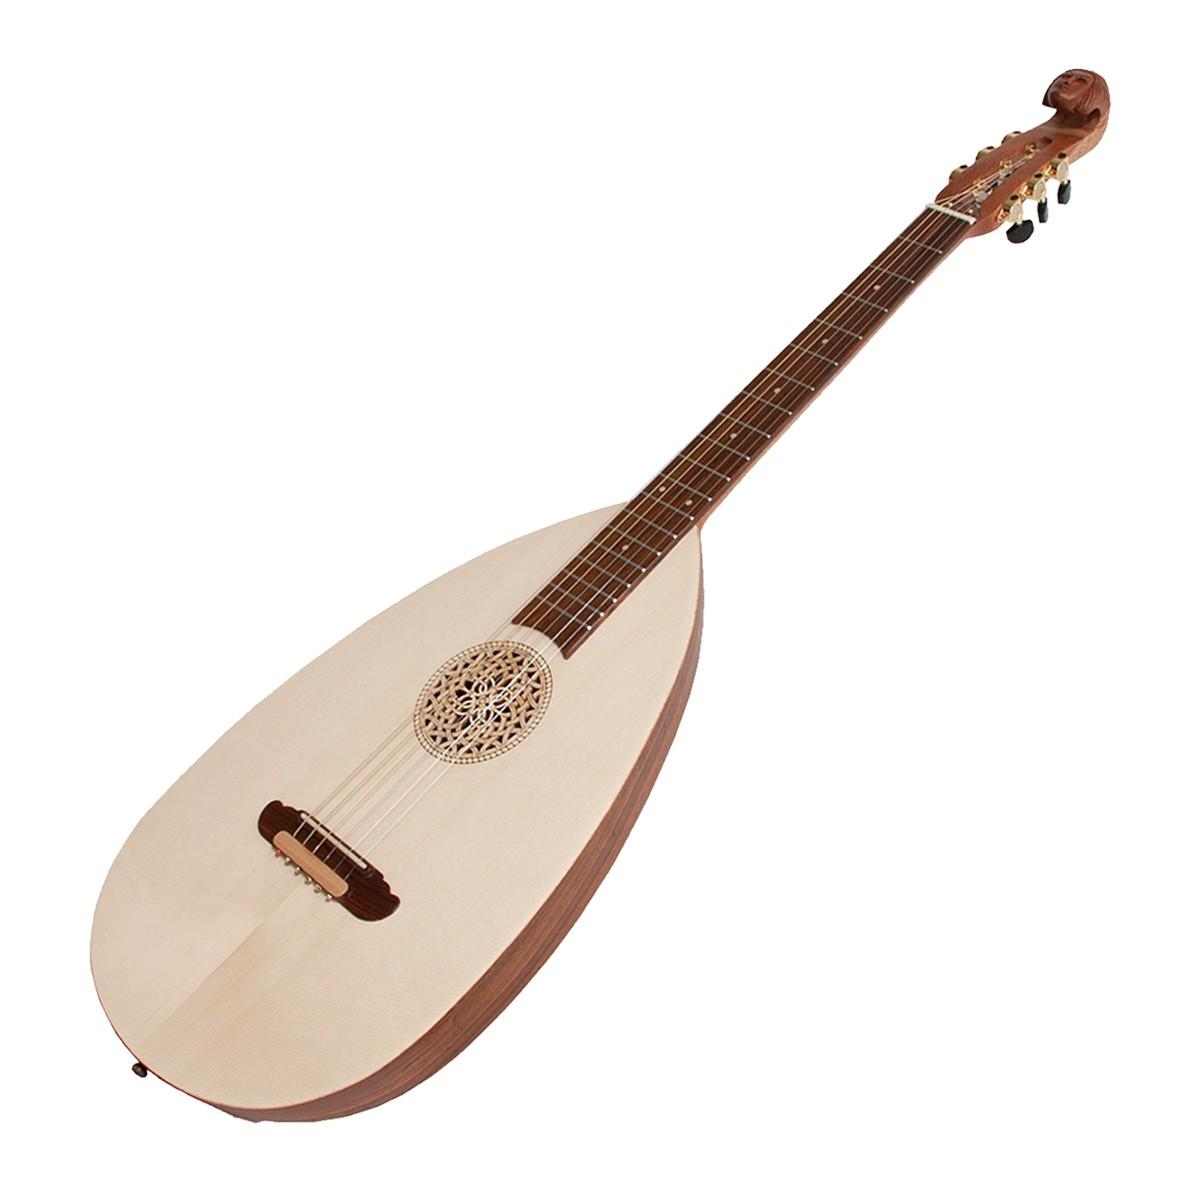 Roosebeck Lute-Guitar Steel 6-String Variegated